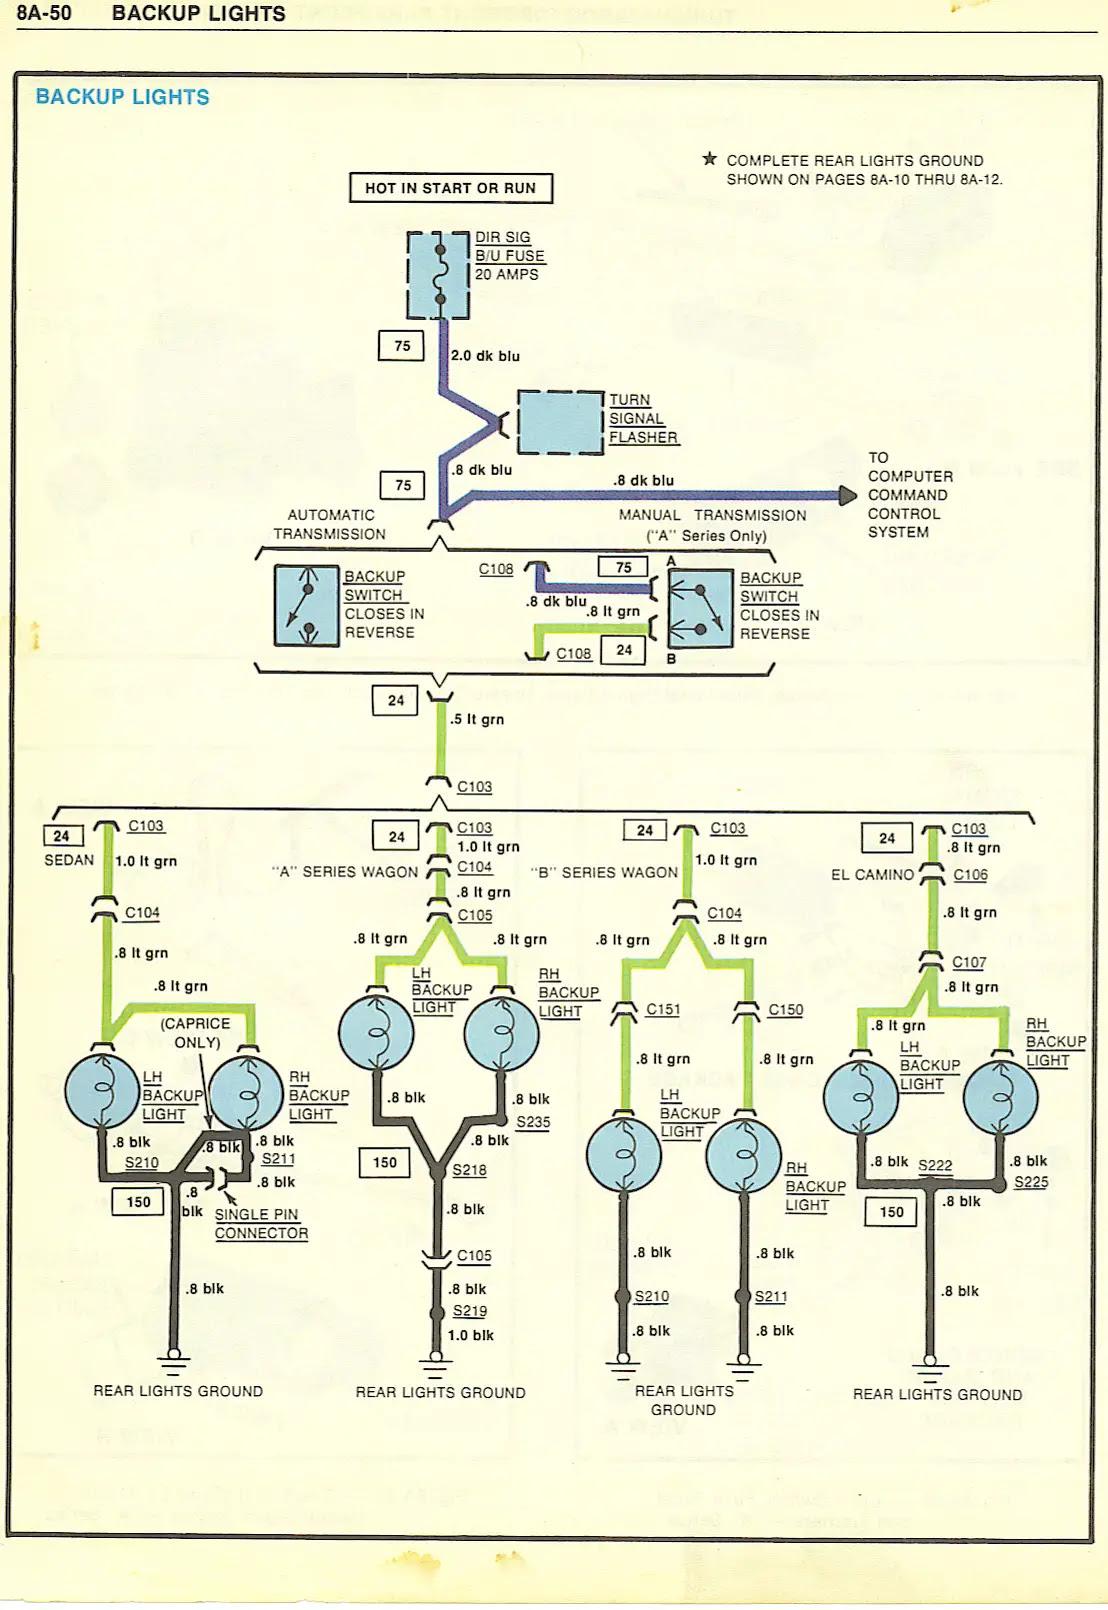 2012 Camaro Tail Light Wiring Diagram Full Hd Version Wiring Diagram Torodiagram Cabinet Accordance Fr